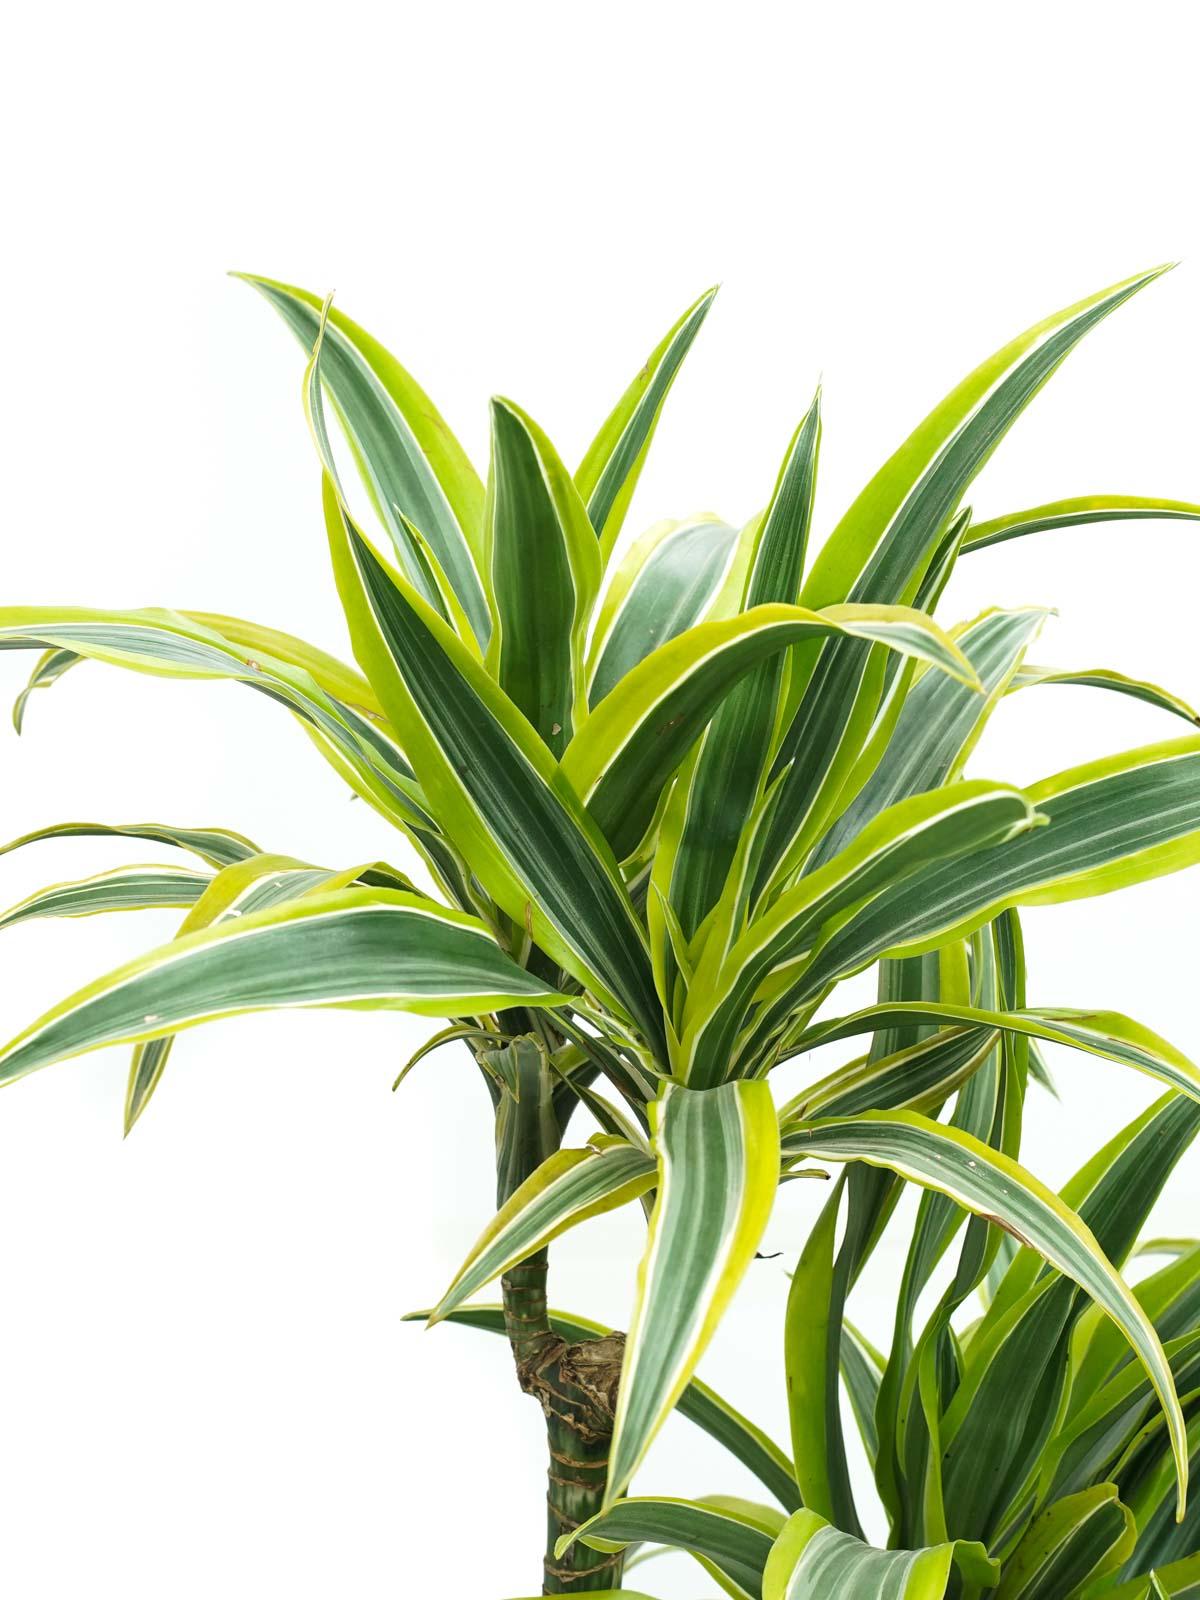 Dracaena fr Lemon Lime Indoor Plants Shrubs